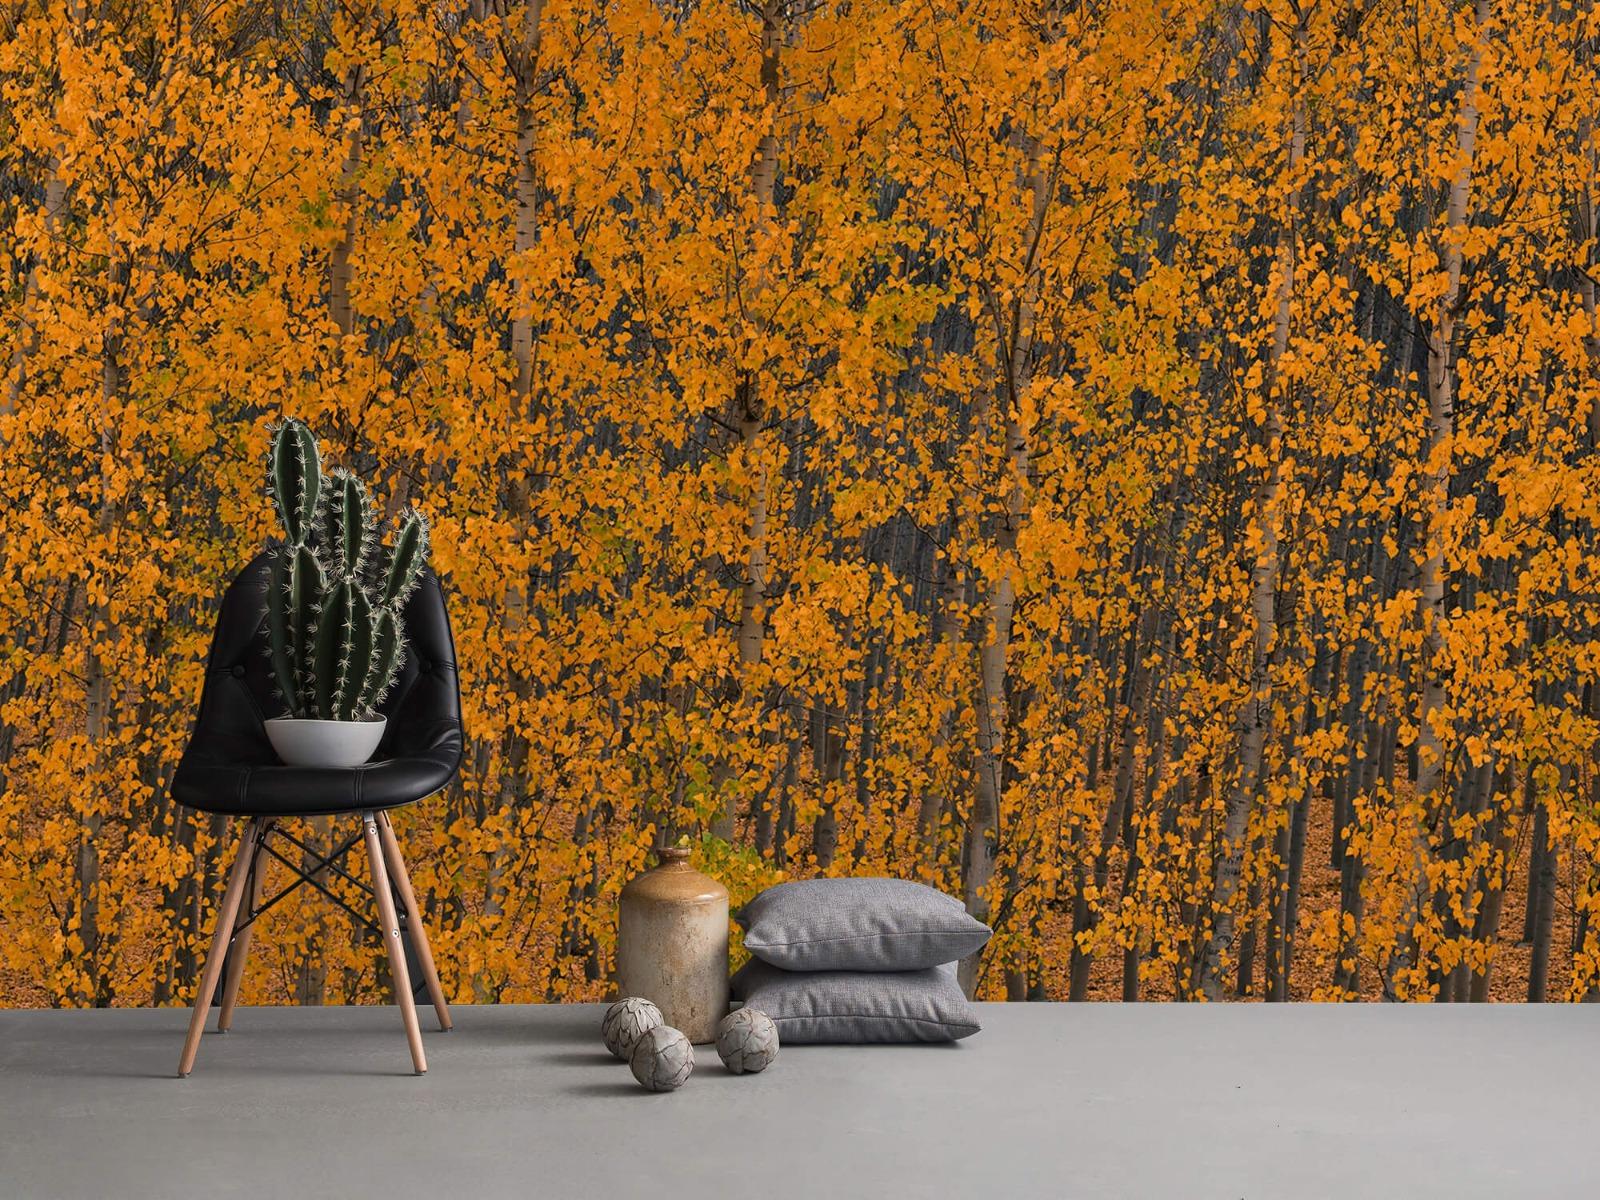 Herfst - Populieren bos - Slaapkamer 13